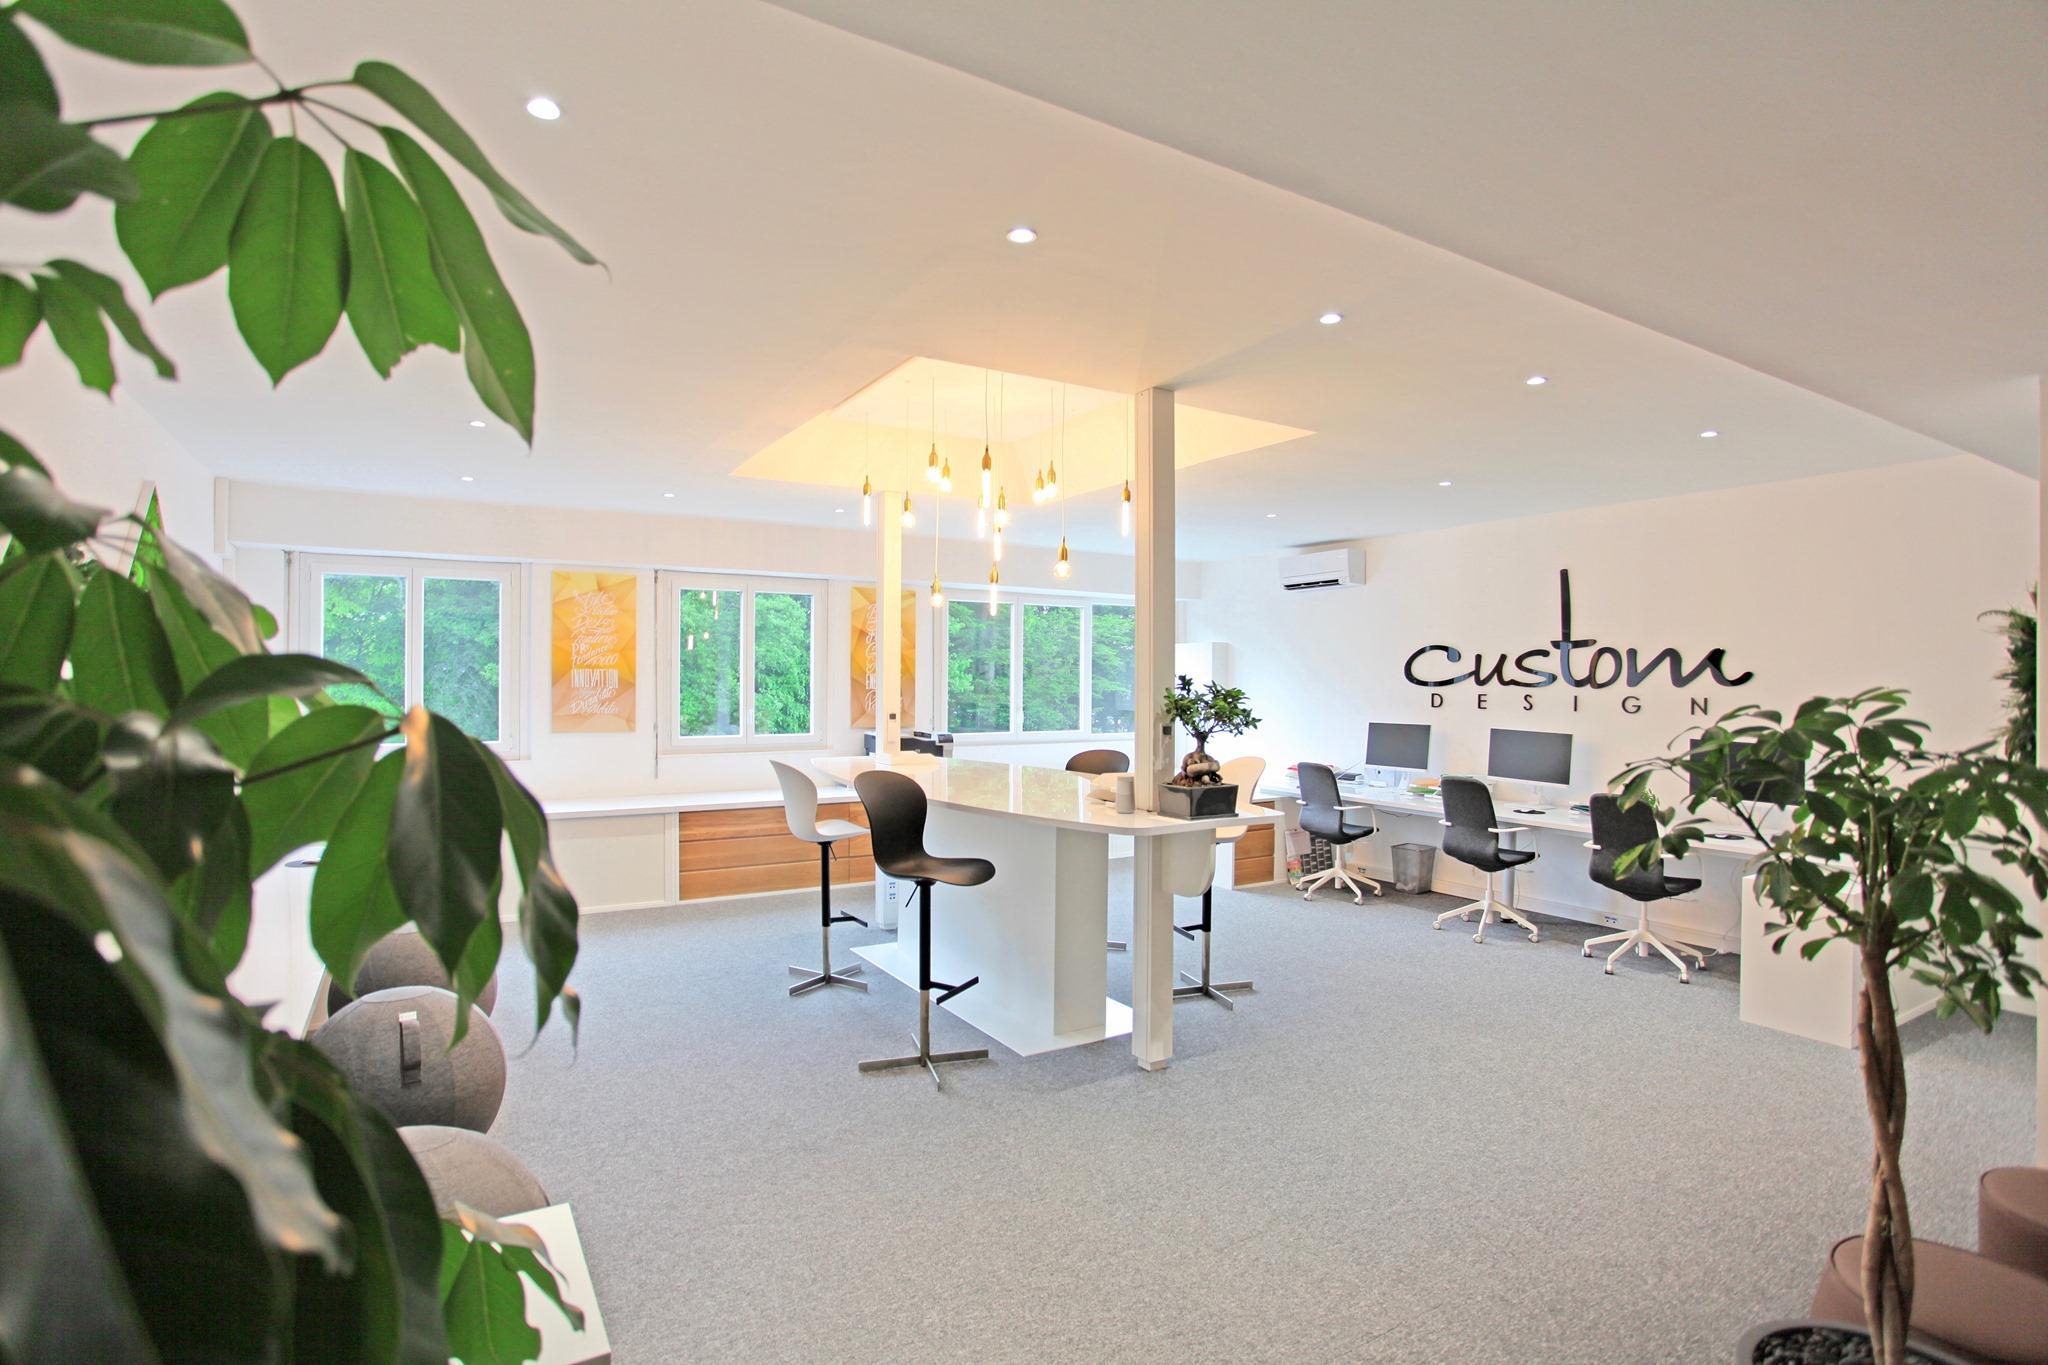 Photo de l'open-space. L'espace dispose de six postes de travail de type bureau et d'un ilot central plus haut autour duquel sont disposés des tabourets haut.